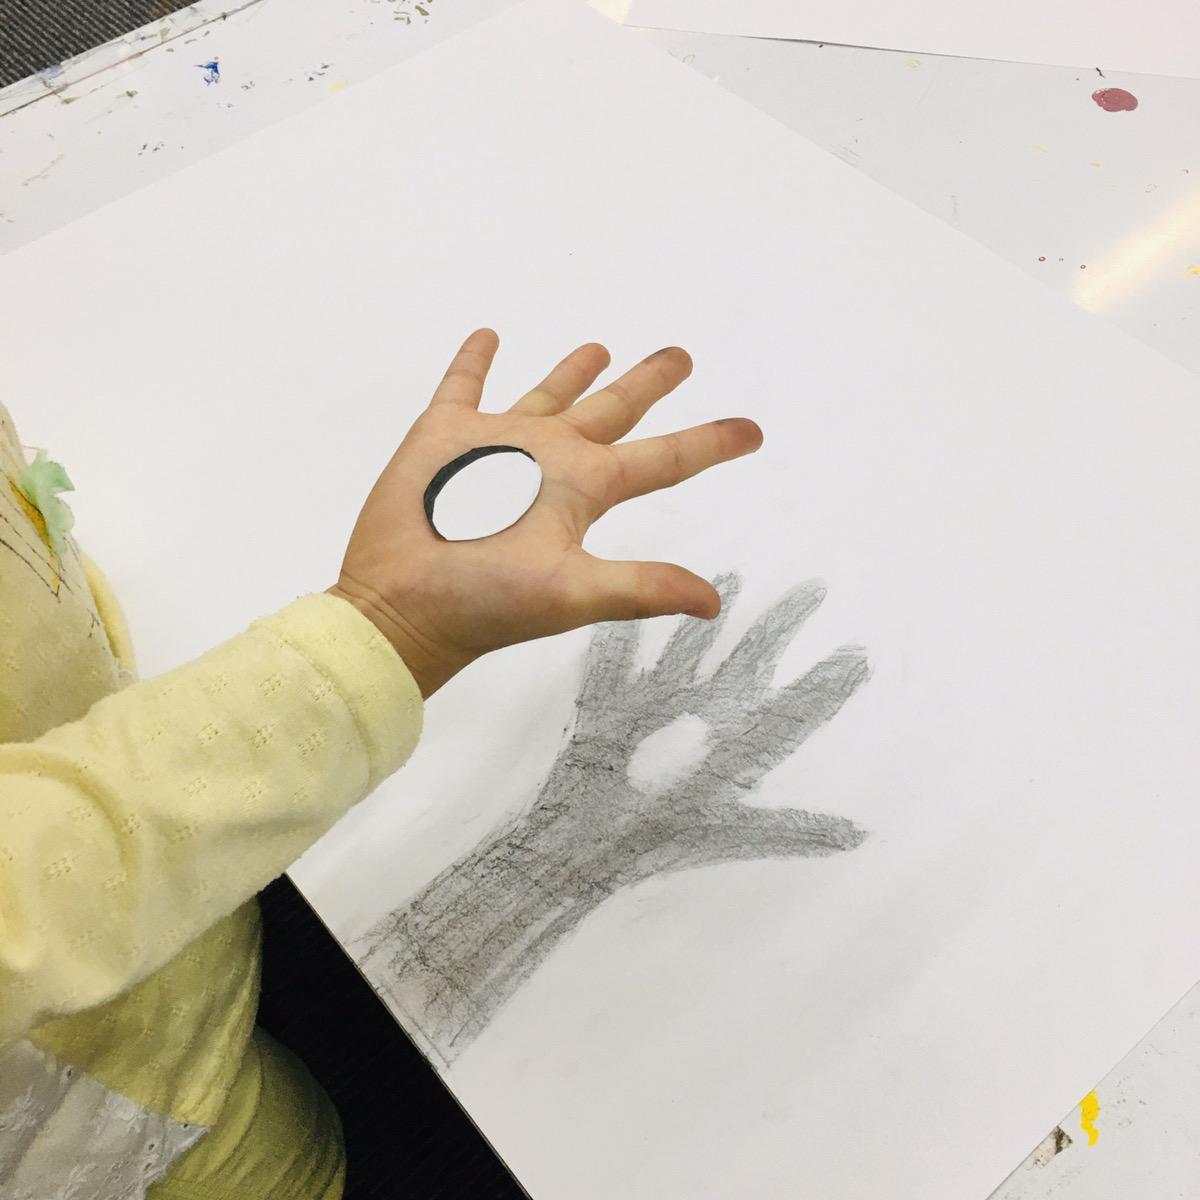 【子供のトリックアート】手の平に穴が!?簡単な描き方